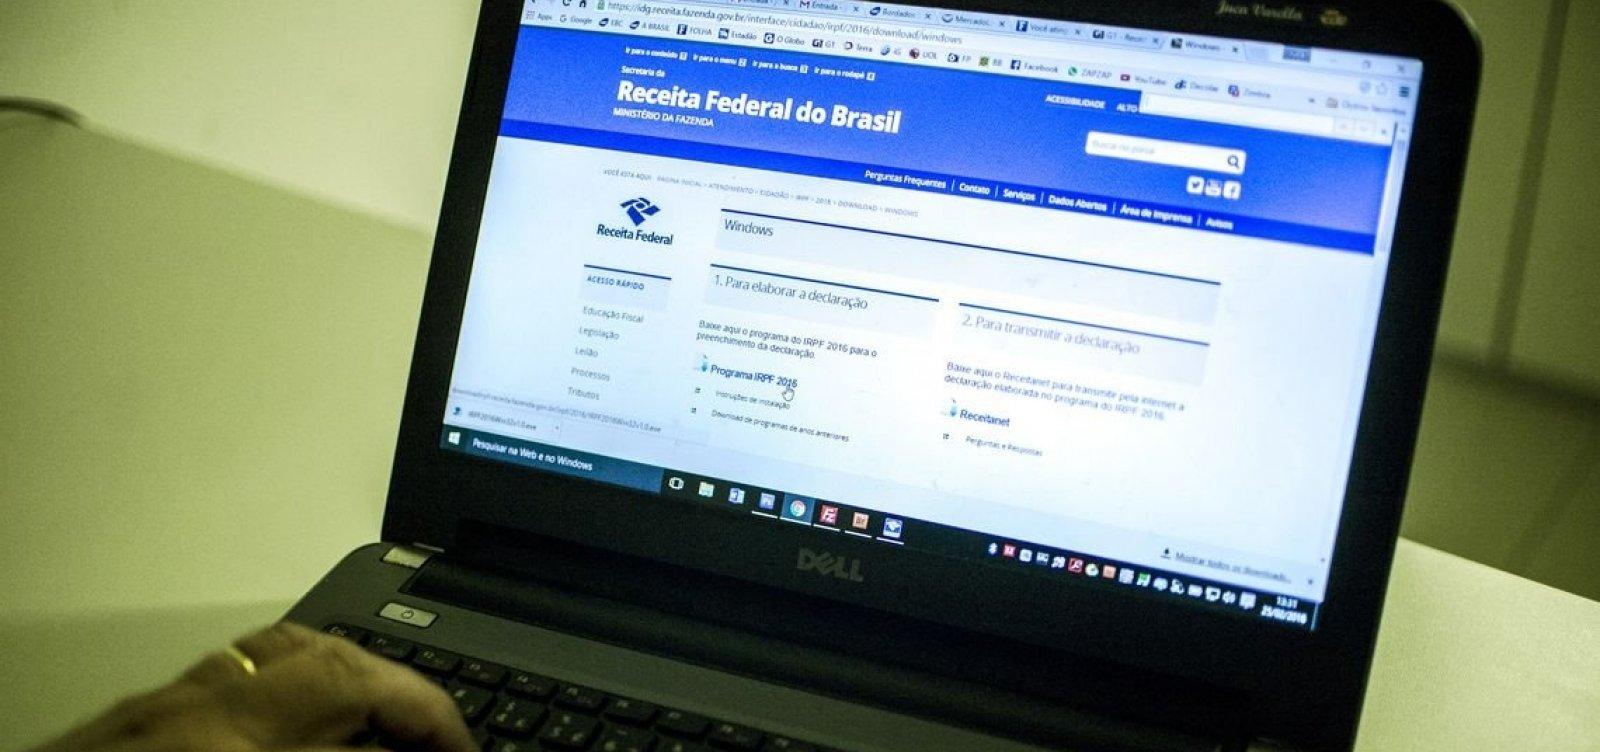 [Mais de 748 mil contribuintes baianos já declararam o Imposto de Renda]